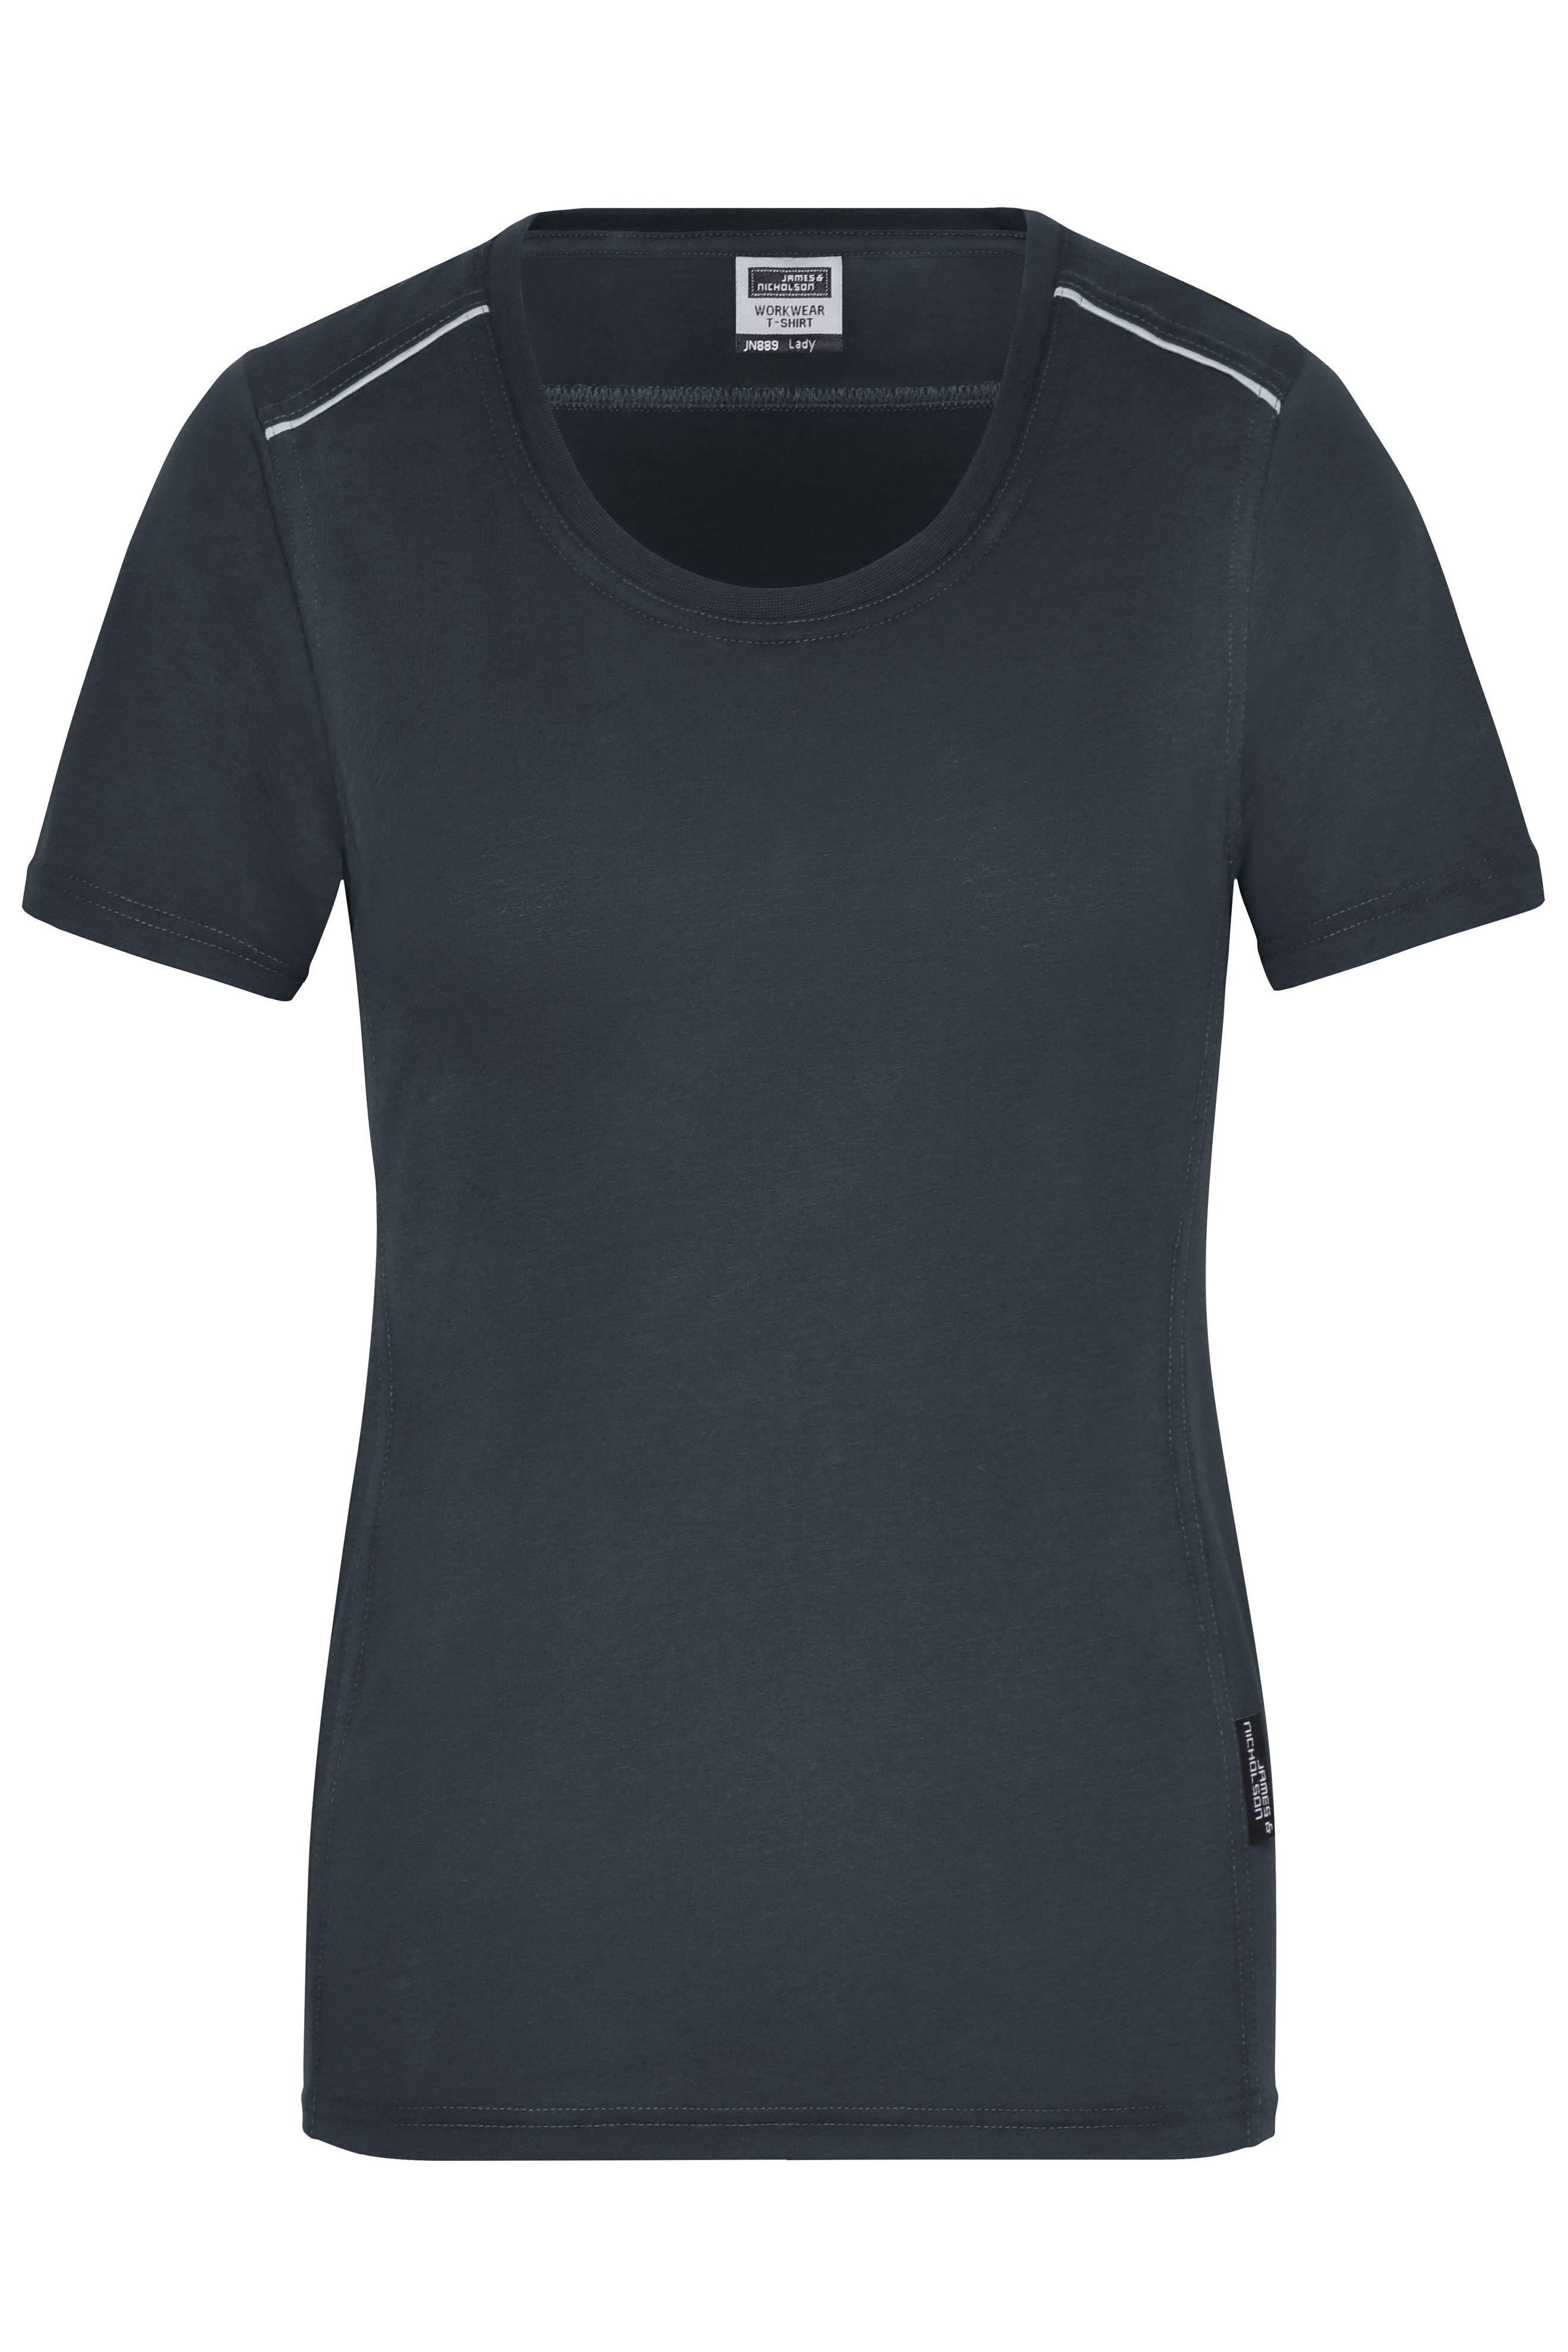 Strapazierfähiges und pflegeleichtes T-shirt mit Kontrastpaspel